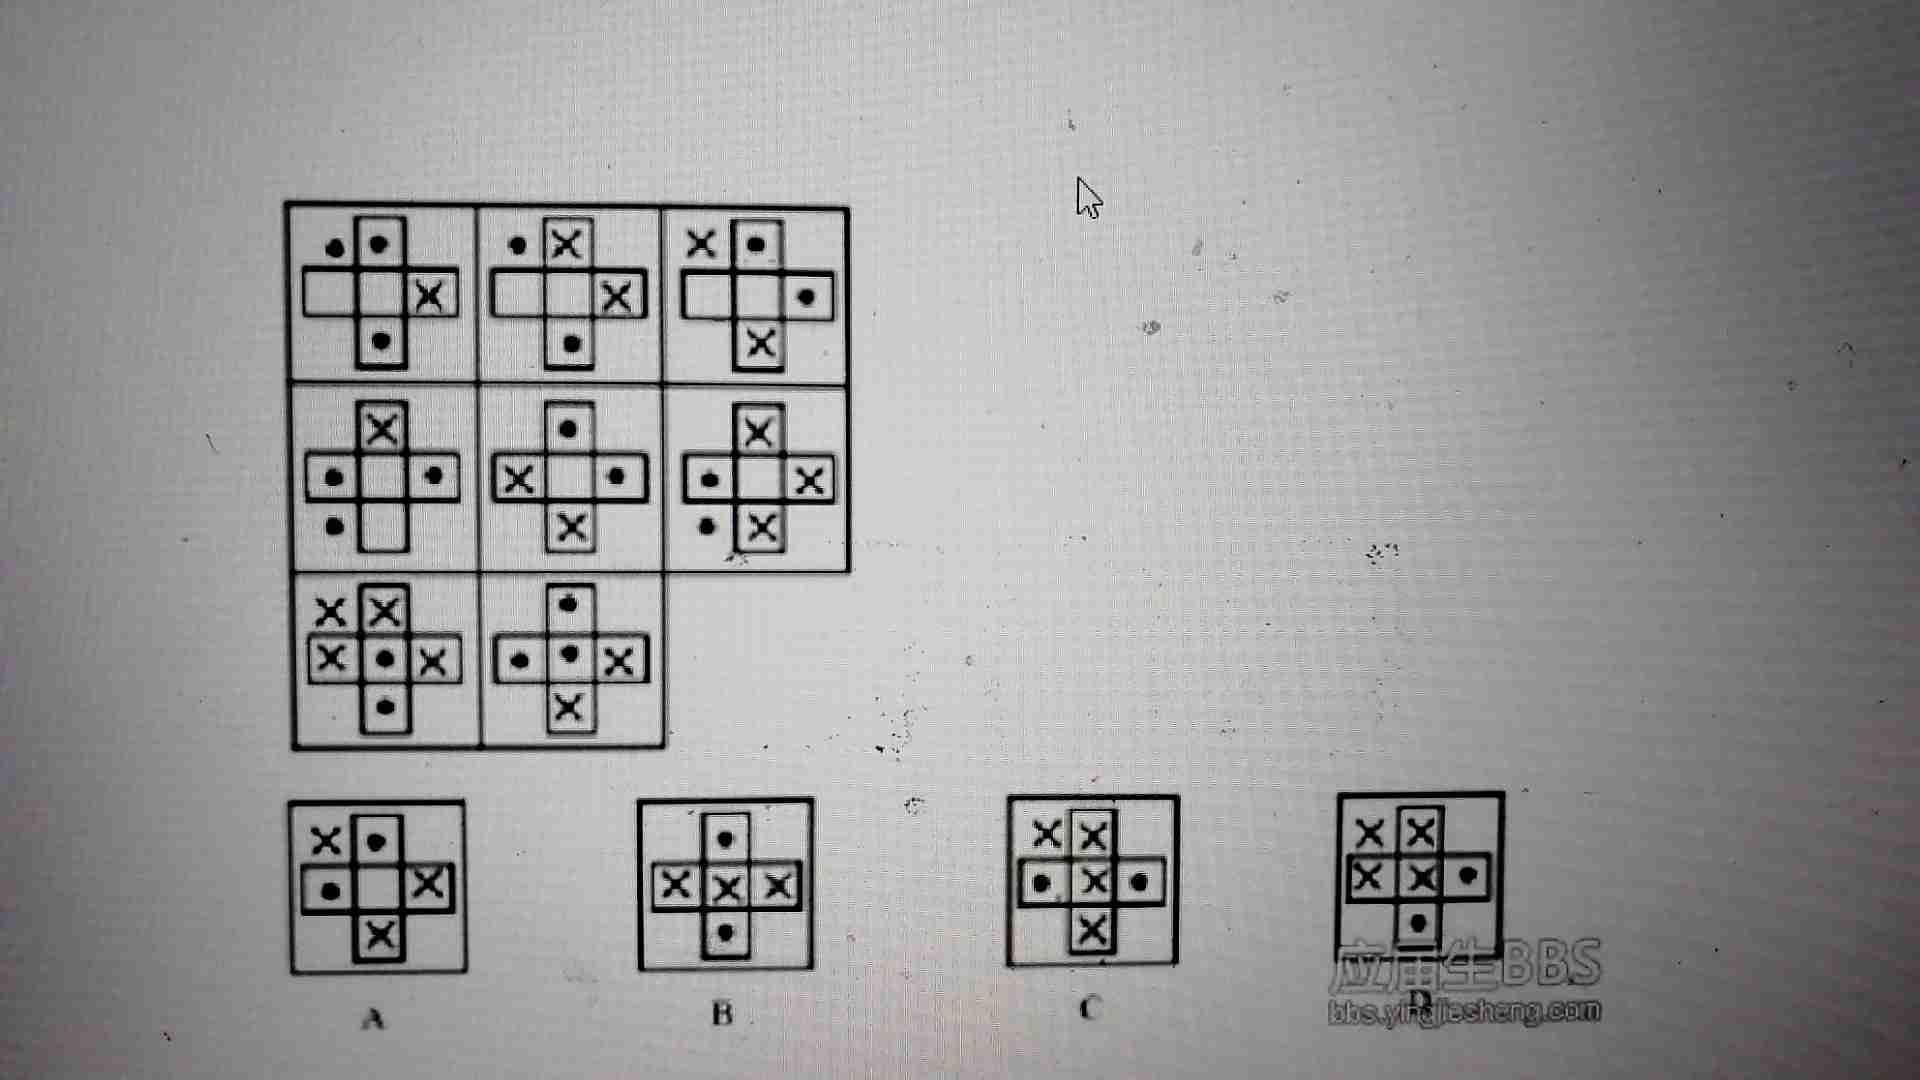 渐变图形构成九宫格